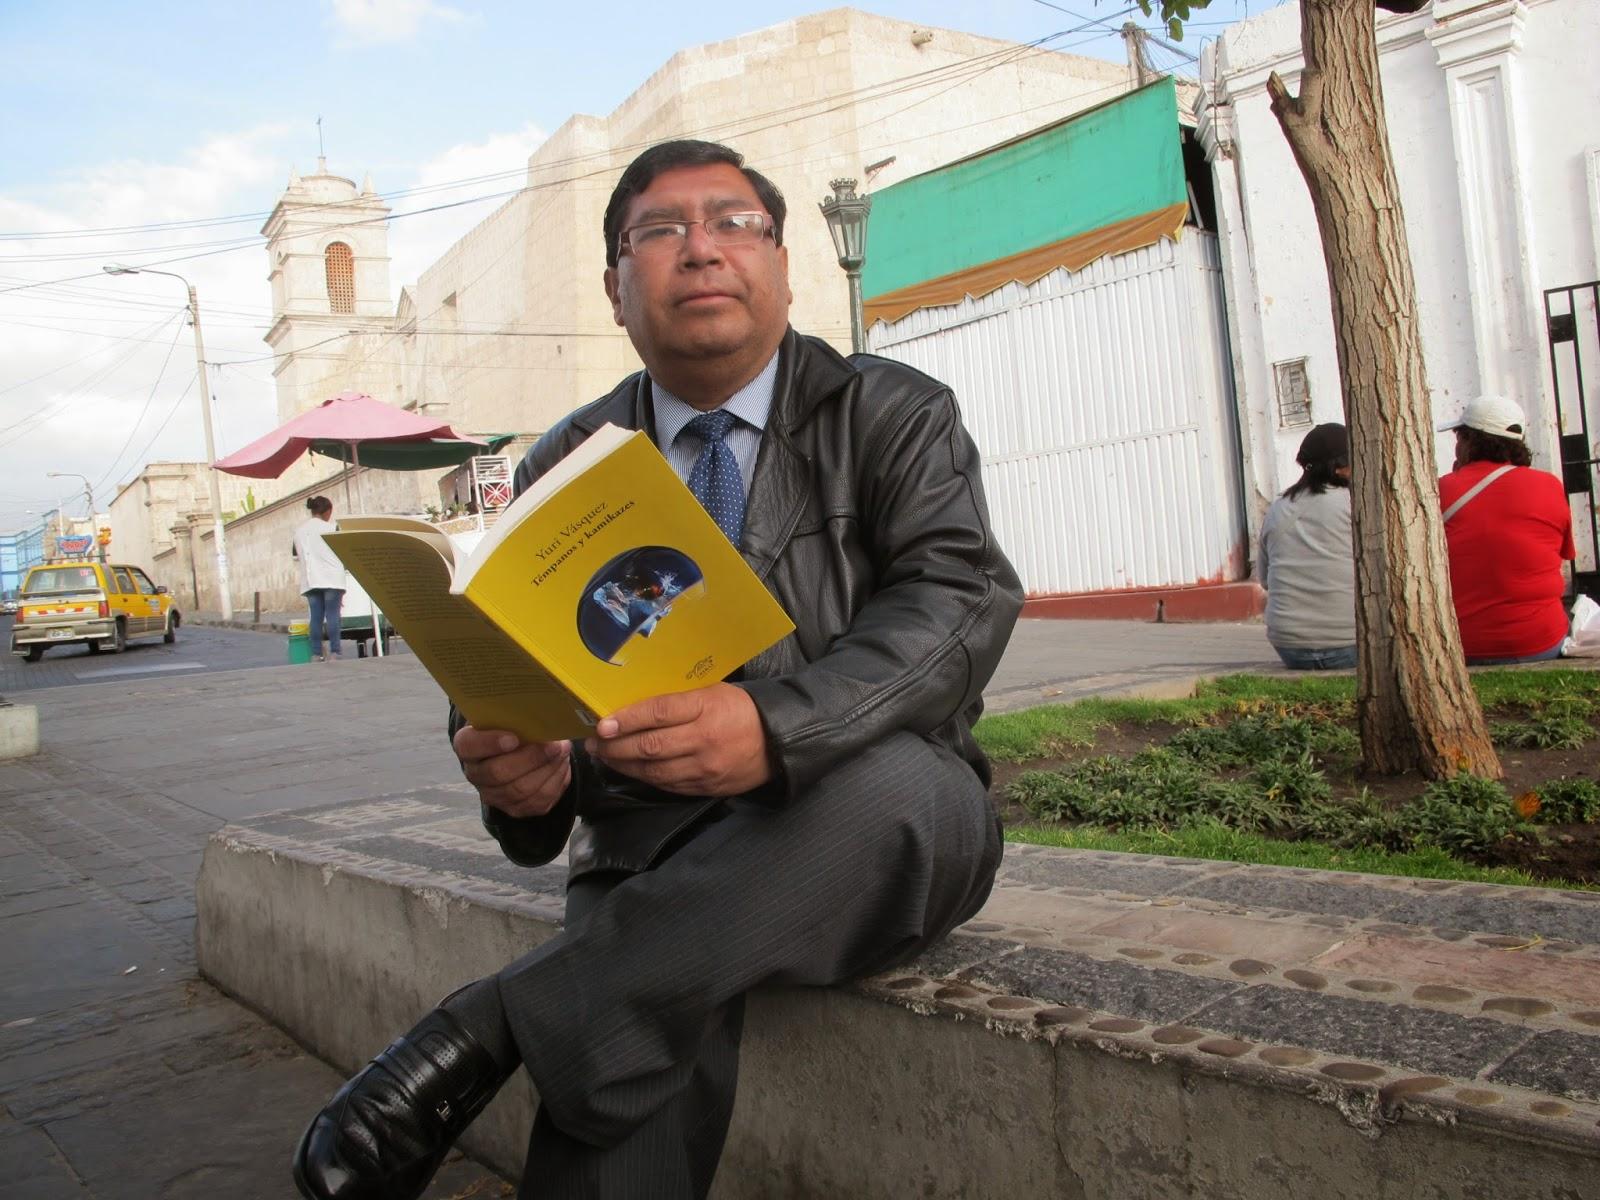 El libro 'Cortometraje', de Yuri Vásquez, llega a España